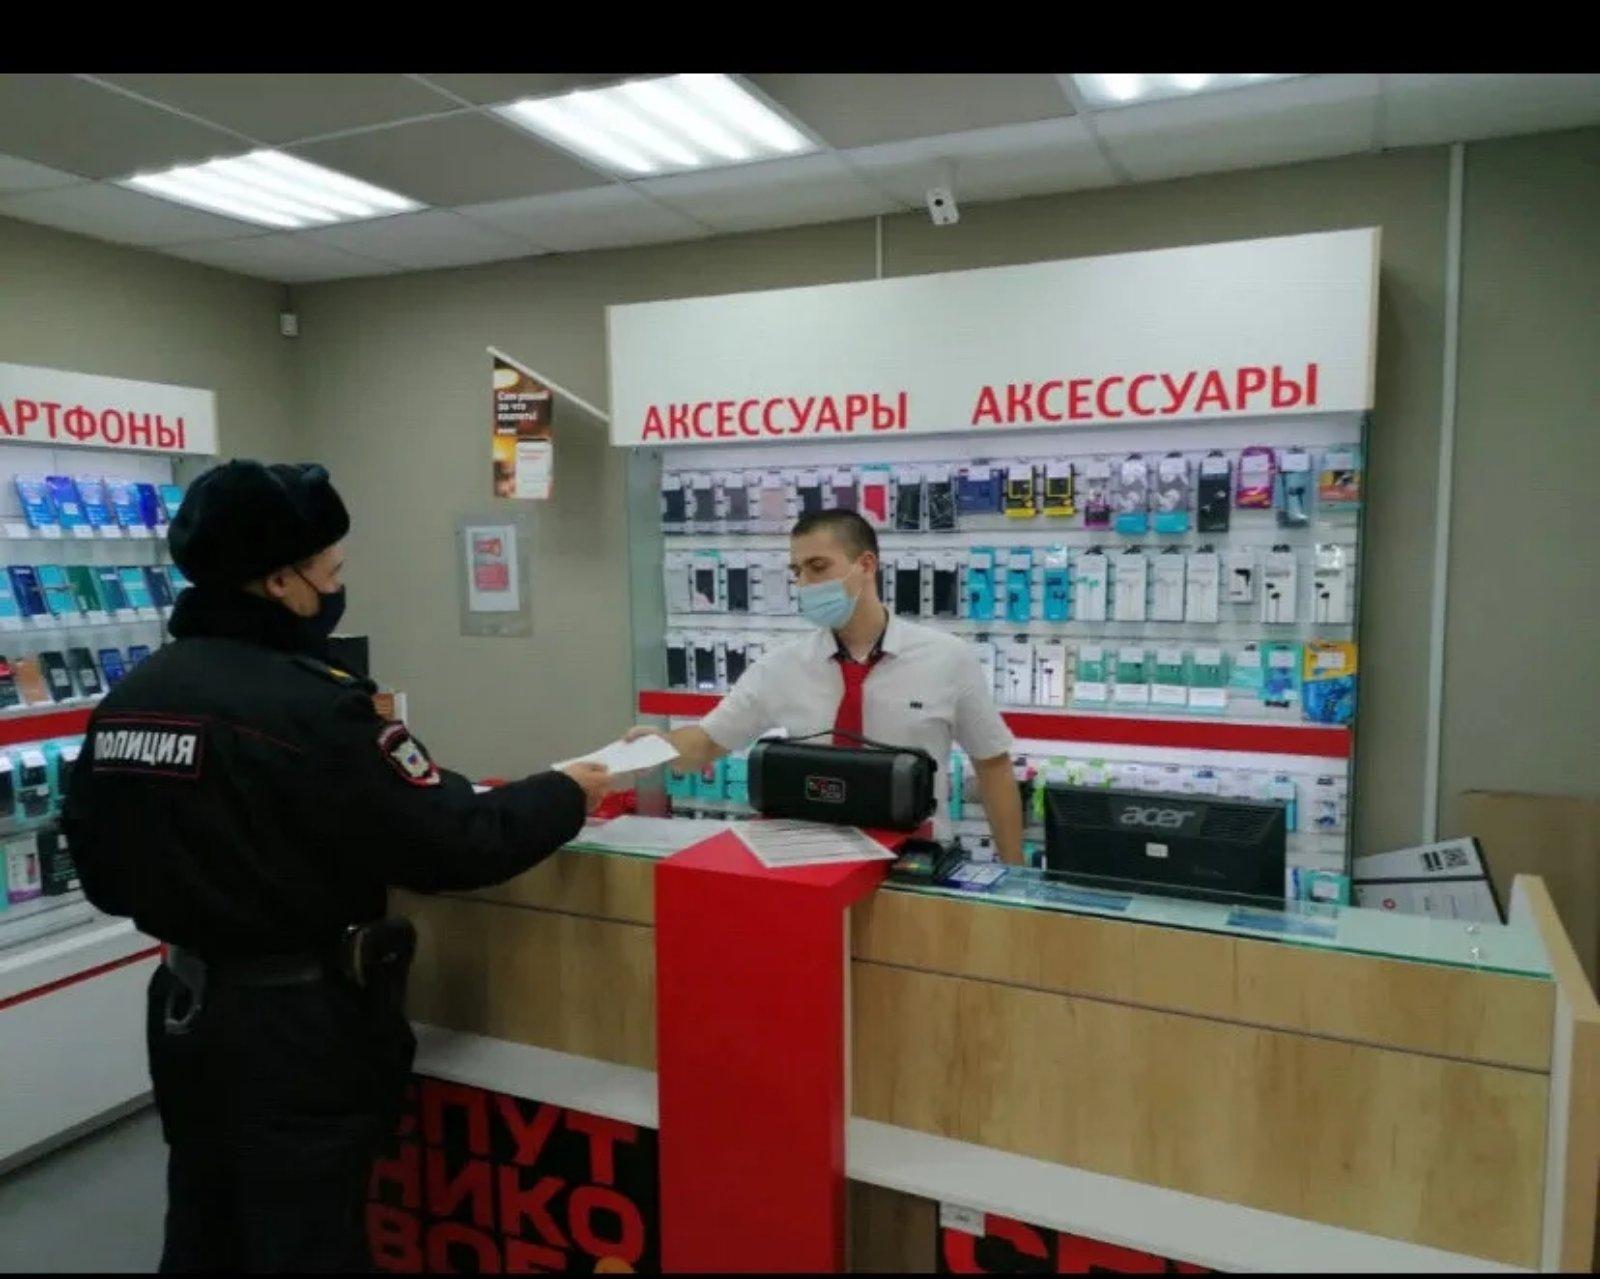 Сотрудники полиции продолжают проверять, как в Петровске соблюдается масочный режим